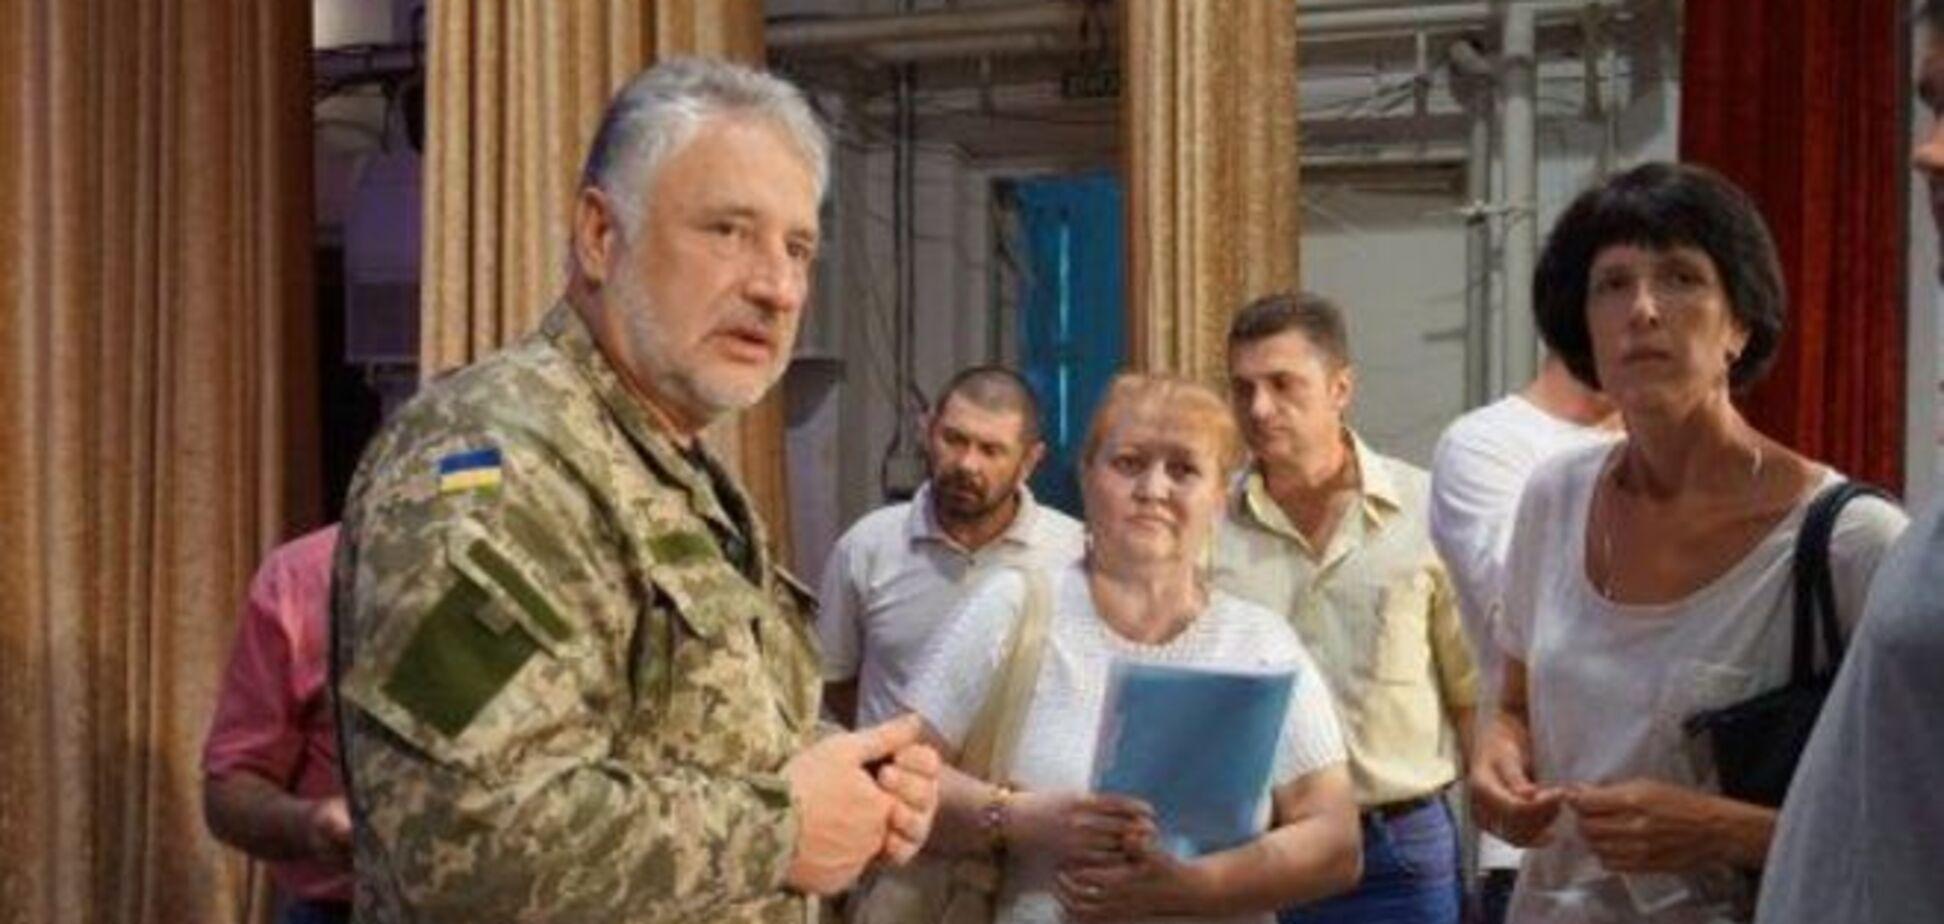 Жебривский рассказал, что на Донбассе 24 года существовал особый строй